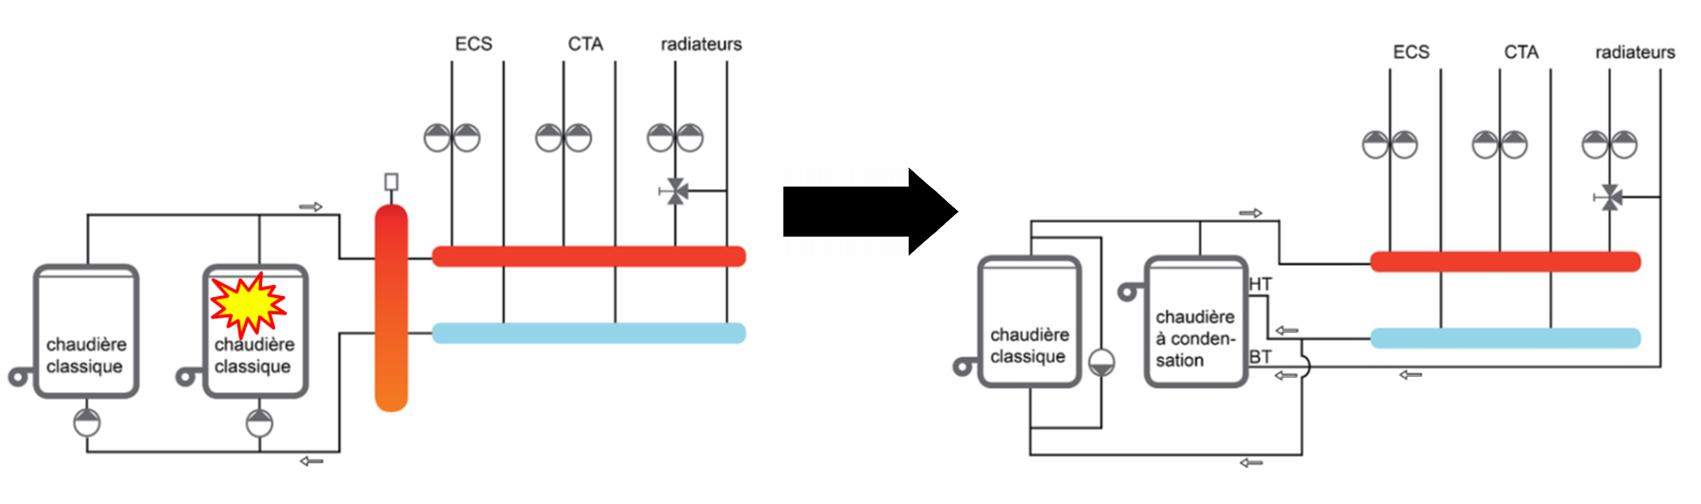 Graphique_formaldehyde